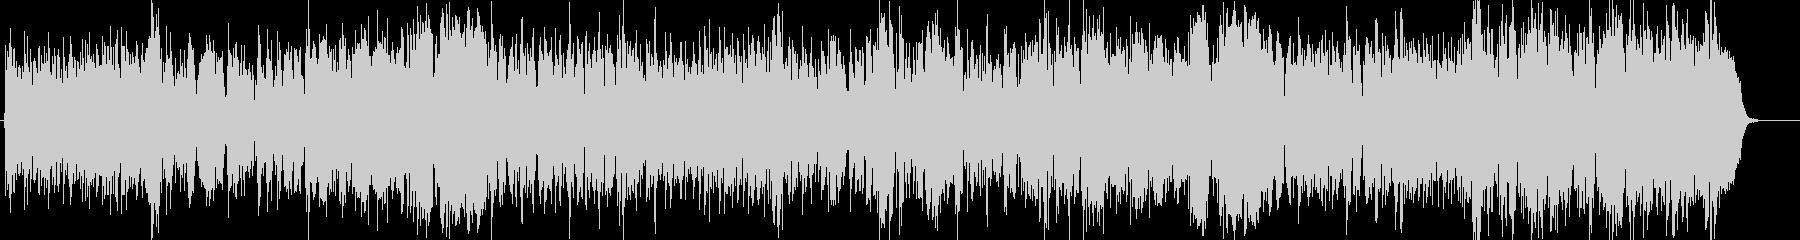 フルートなどのモダンなBGMの未再生の波形